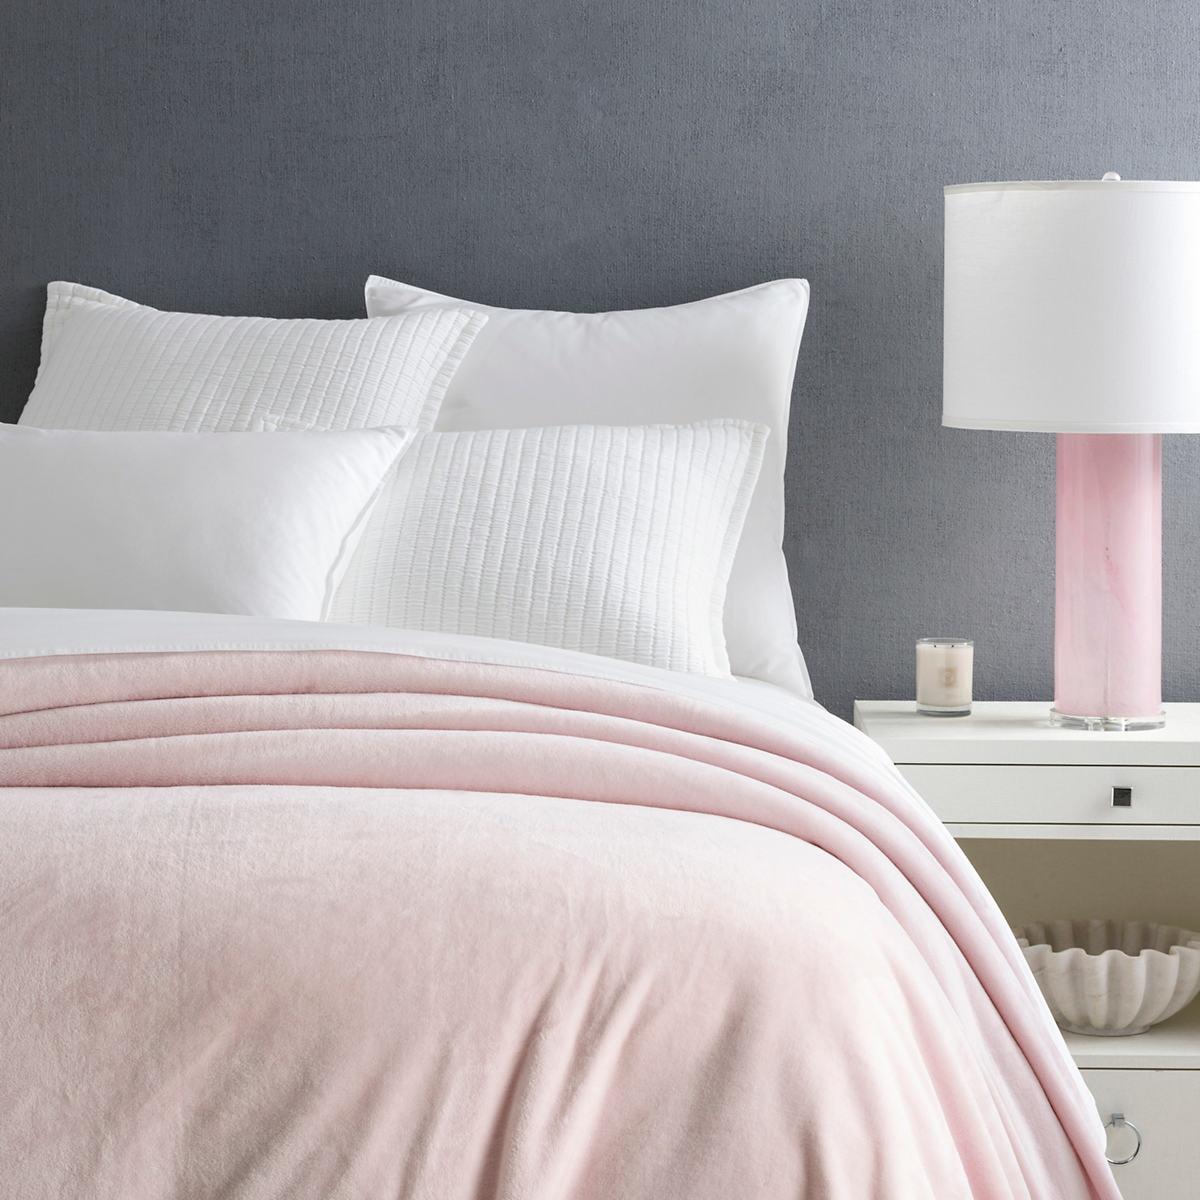 Selke Fleece Slipper Pink Blanket